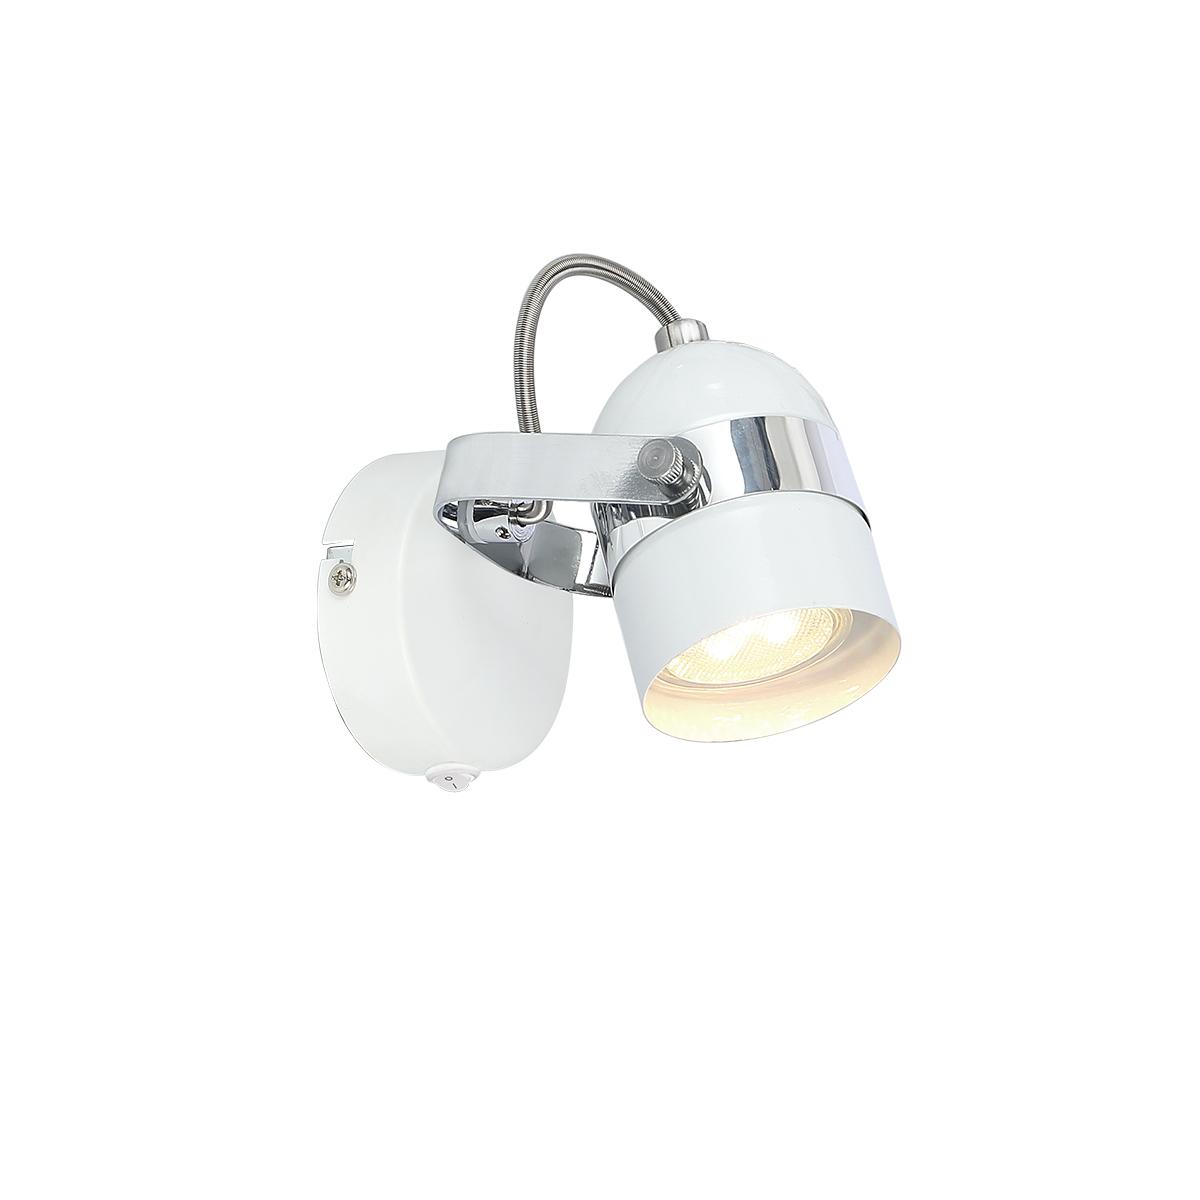 Spot lampa Alex W1 6602055 bela